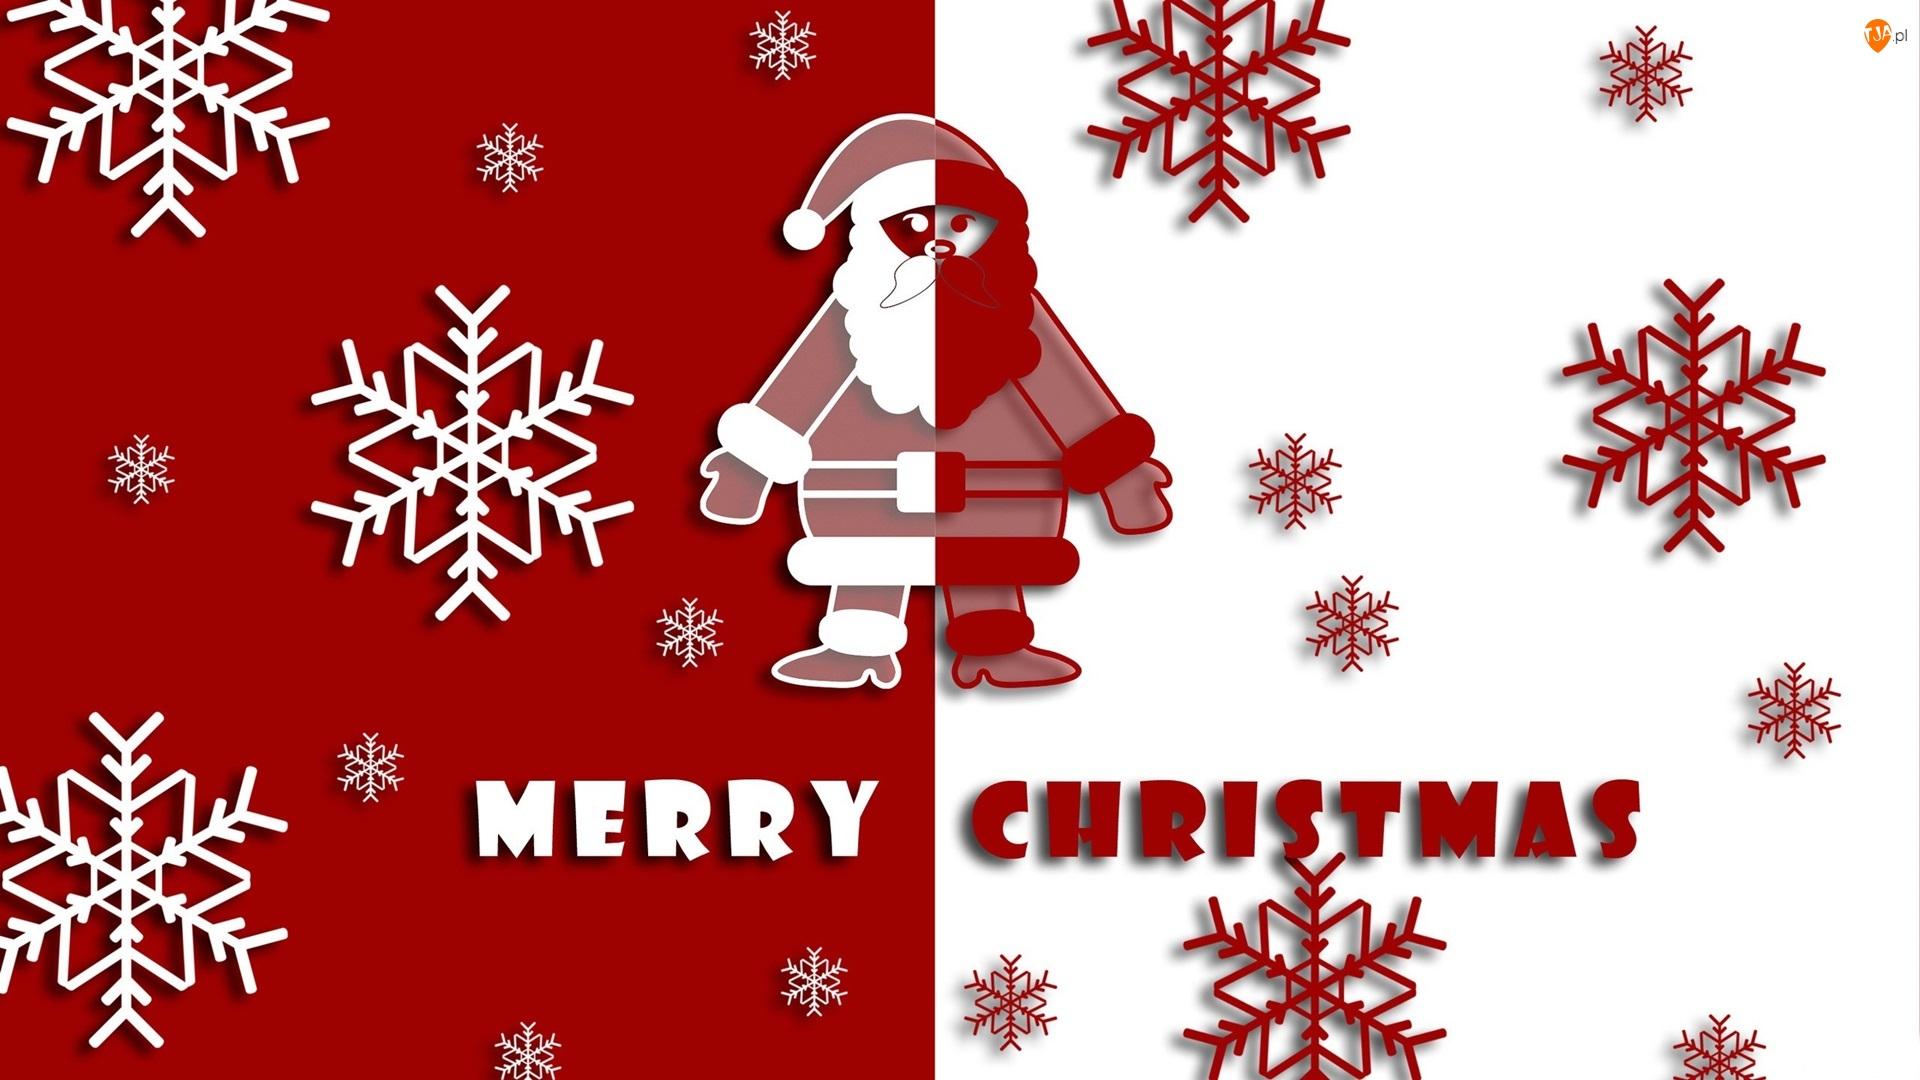 Mikołaj, Napis, Grafika, Biało-czerwona, Gwiazdki, Boże Narodzenie, Merry Christmas